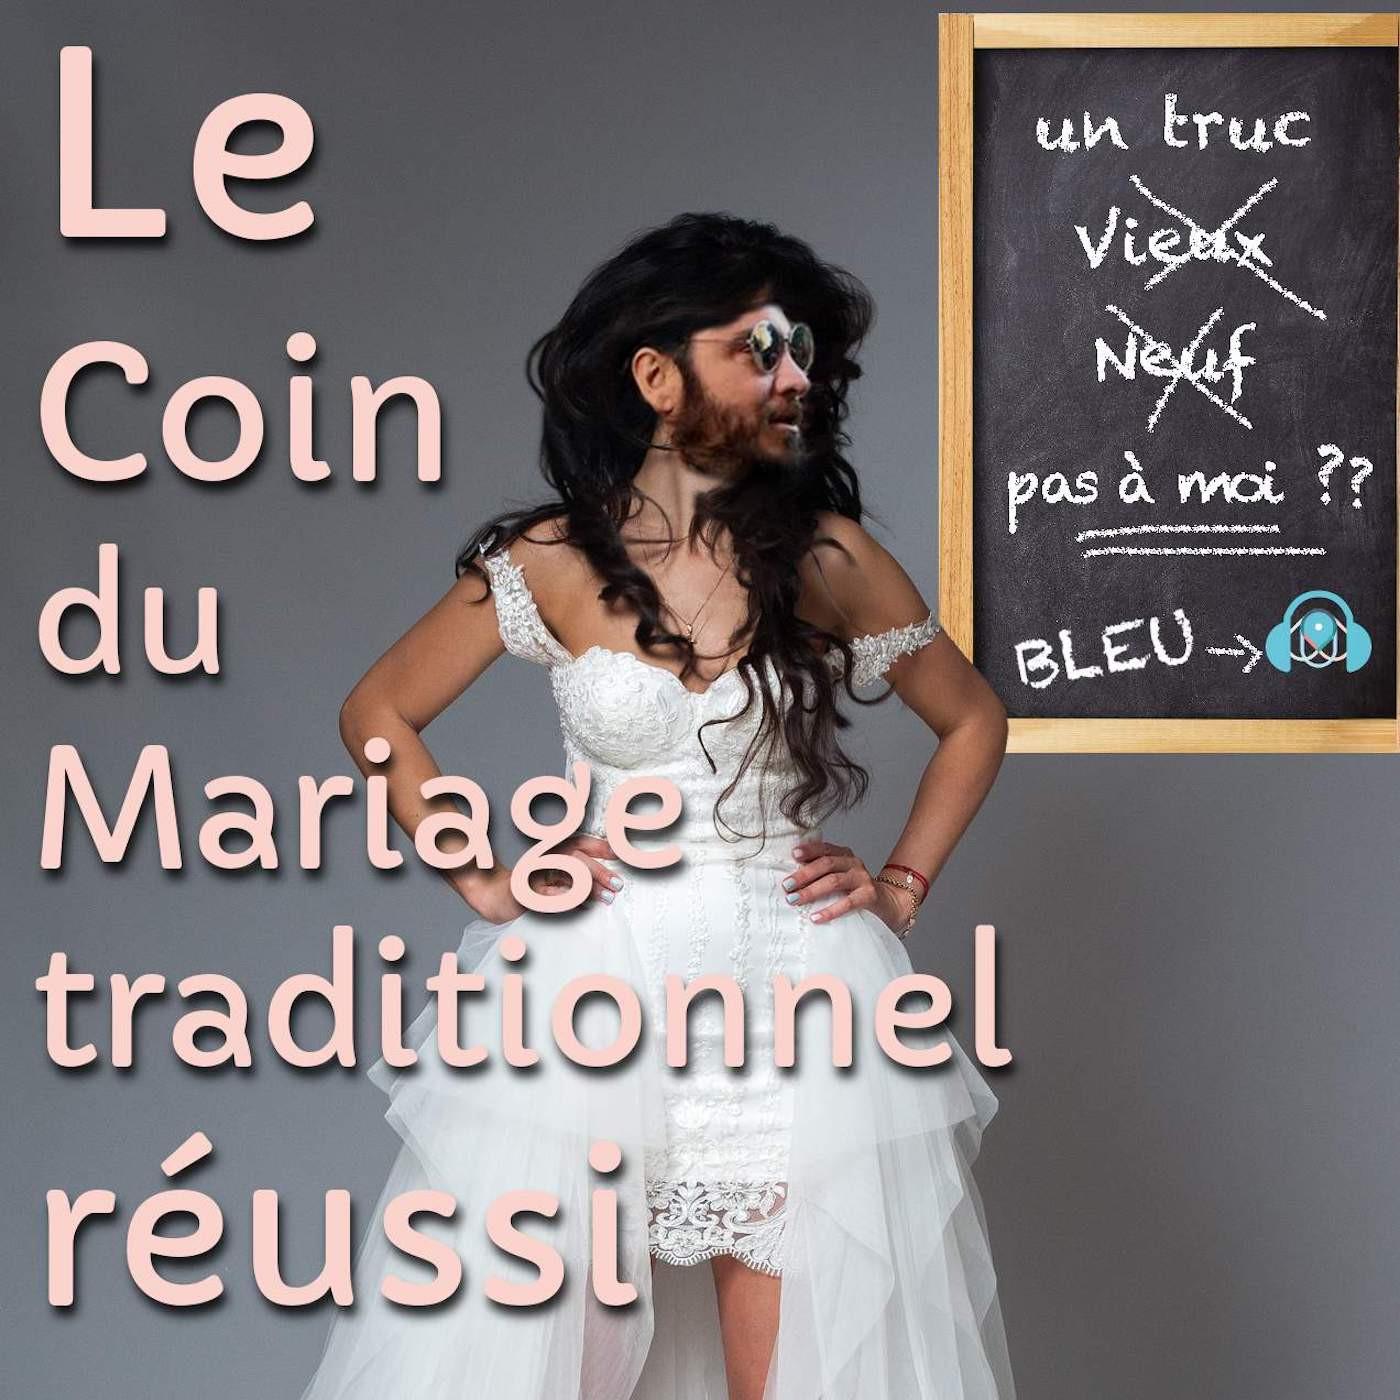 LE COIN DU MARIAGE TRADITIONNEL RÉUSSI S1E12